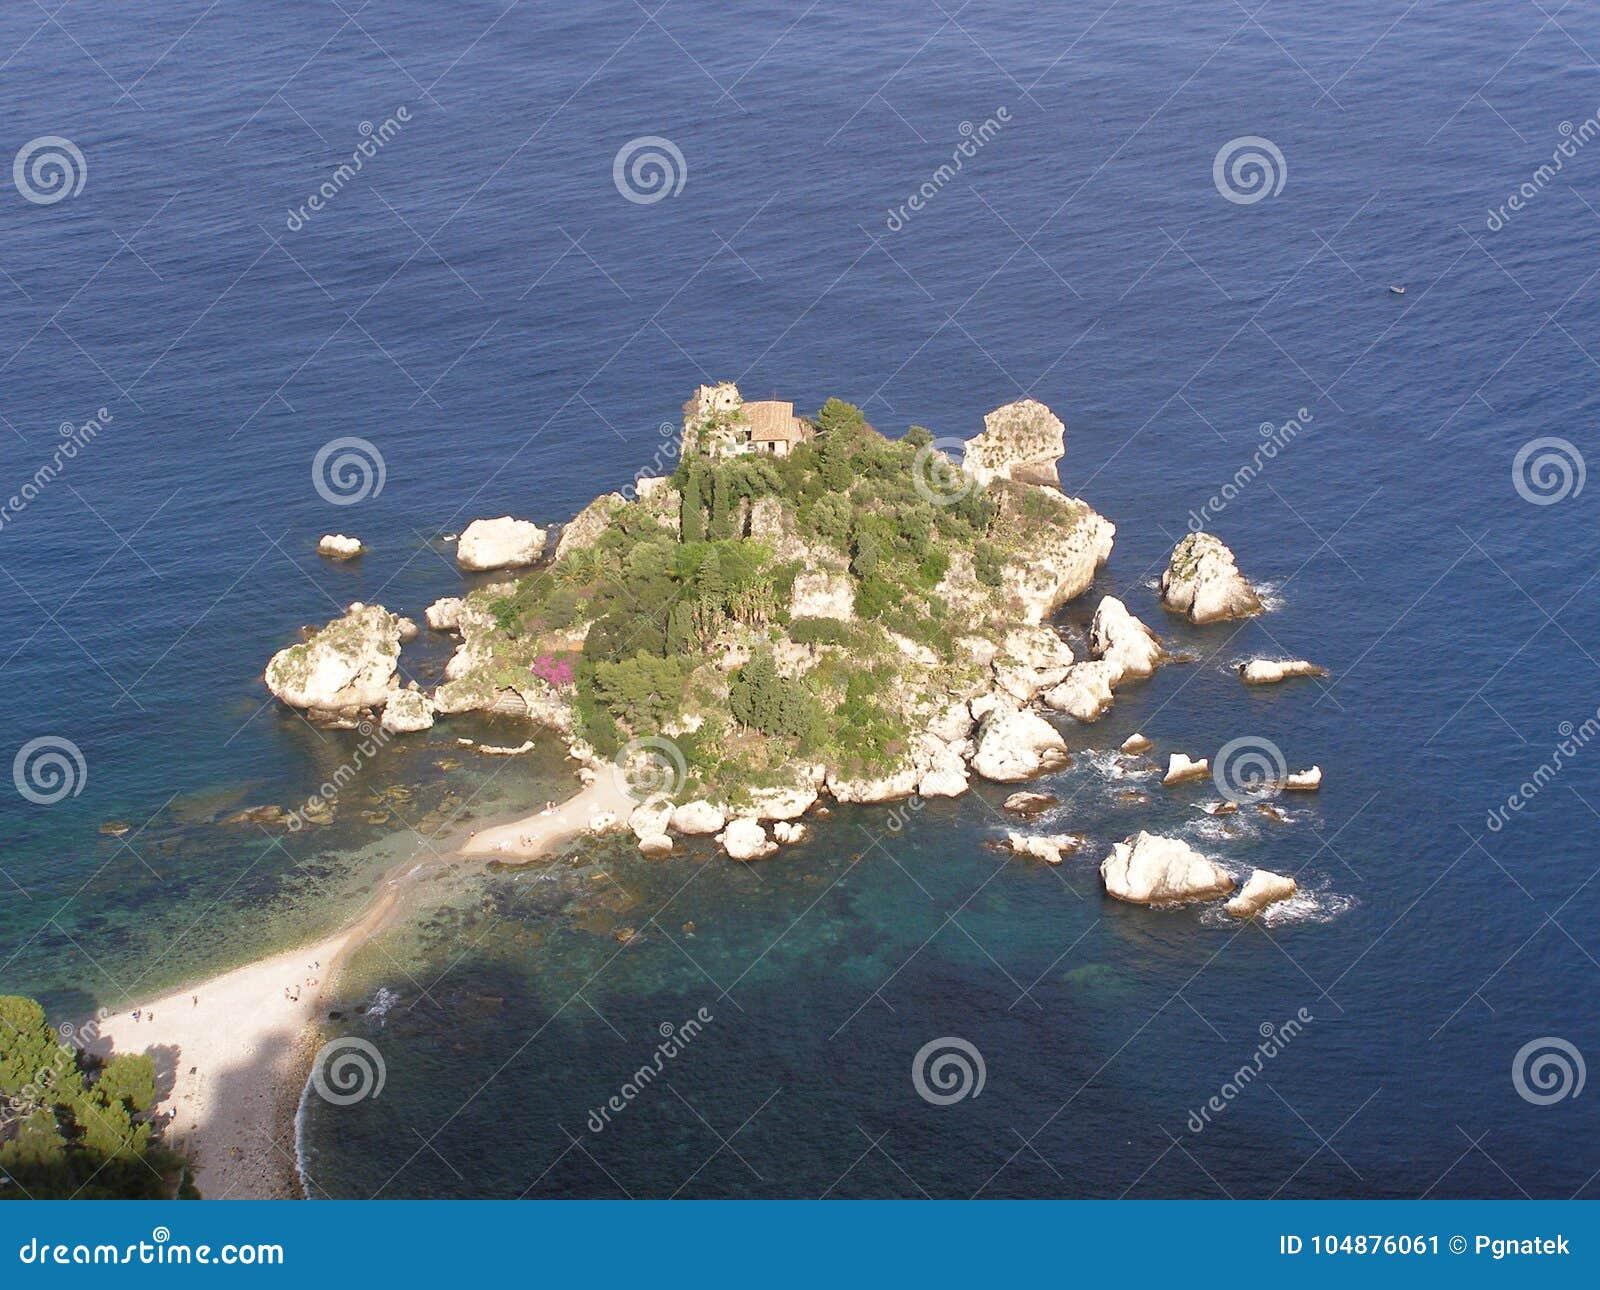 Isola Bella Taormina Sicily Italy medelhavet